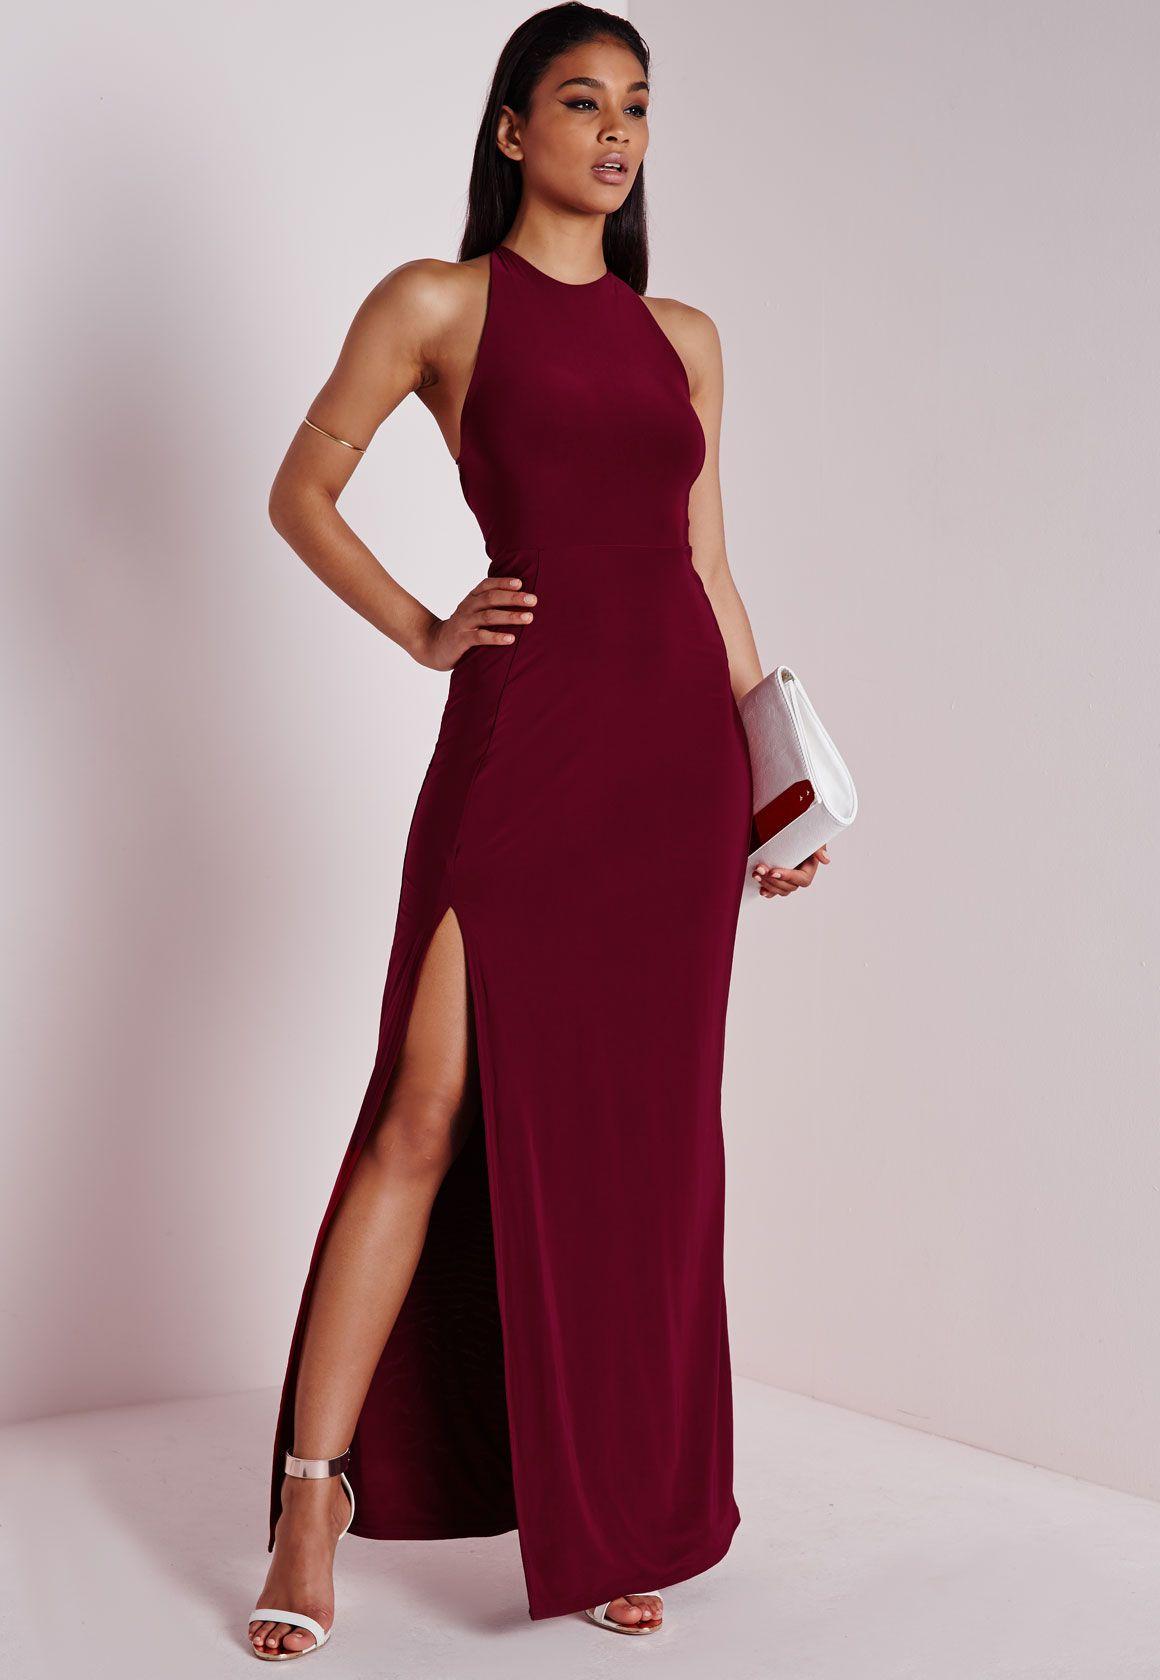 Slinky Side Split Maxi Dress Burgundy, Burgundy   FashionToDieFor ...